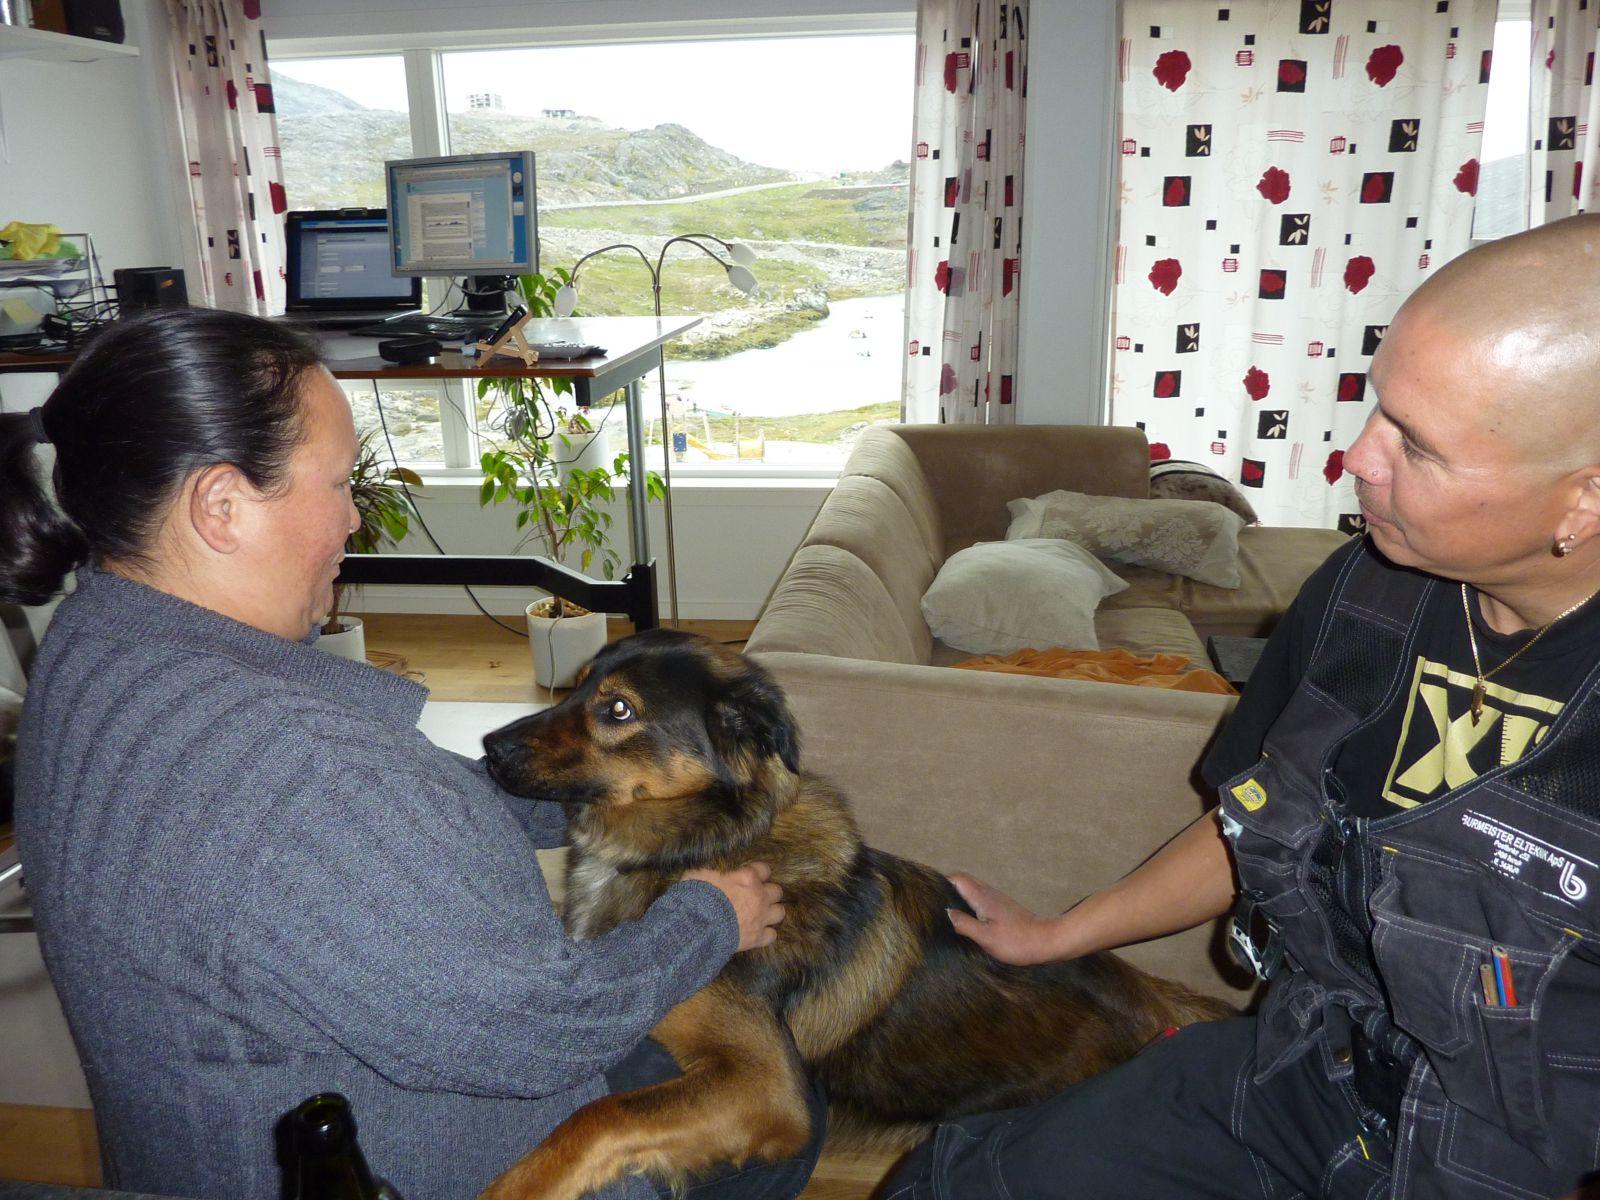 2010-08-26-1701_-_Djanco; Maren Mikkelsen Lennert; Palle Hjort Sandgreen